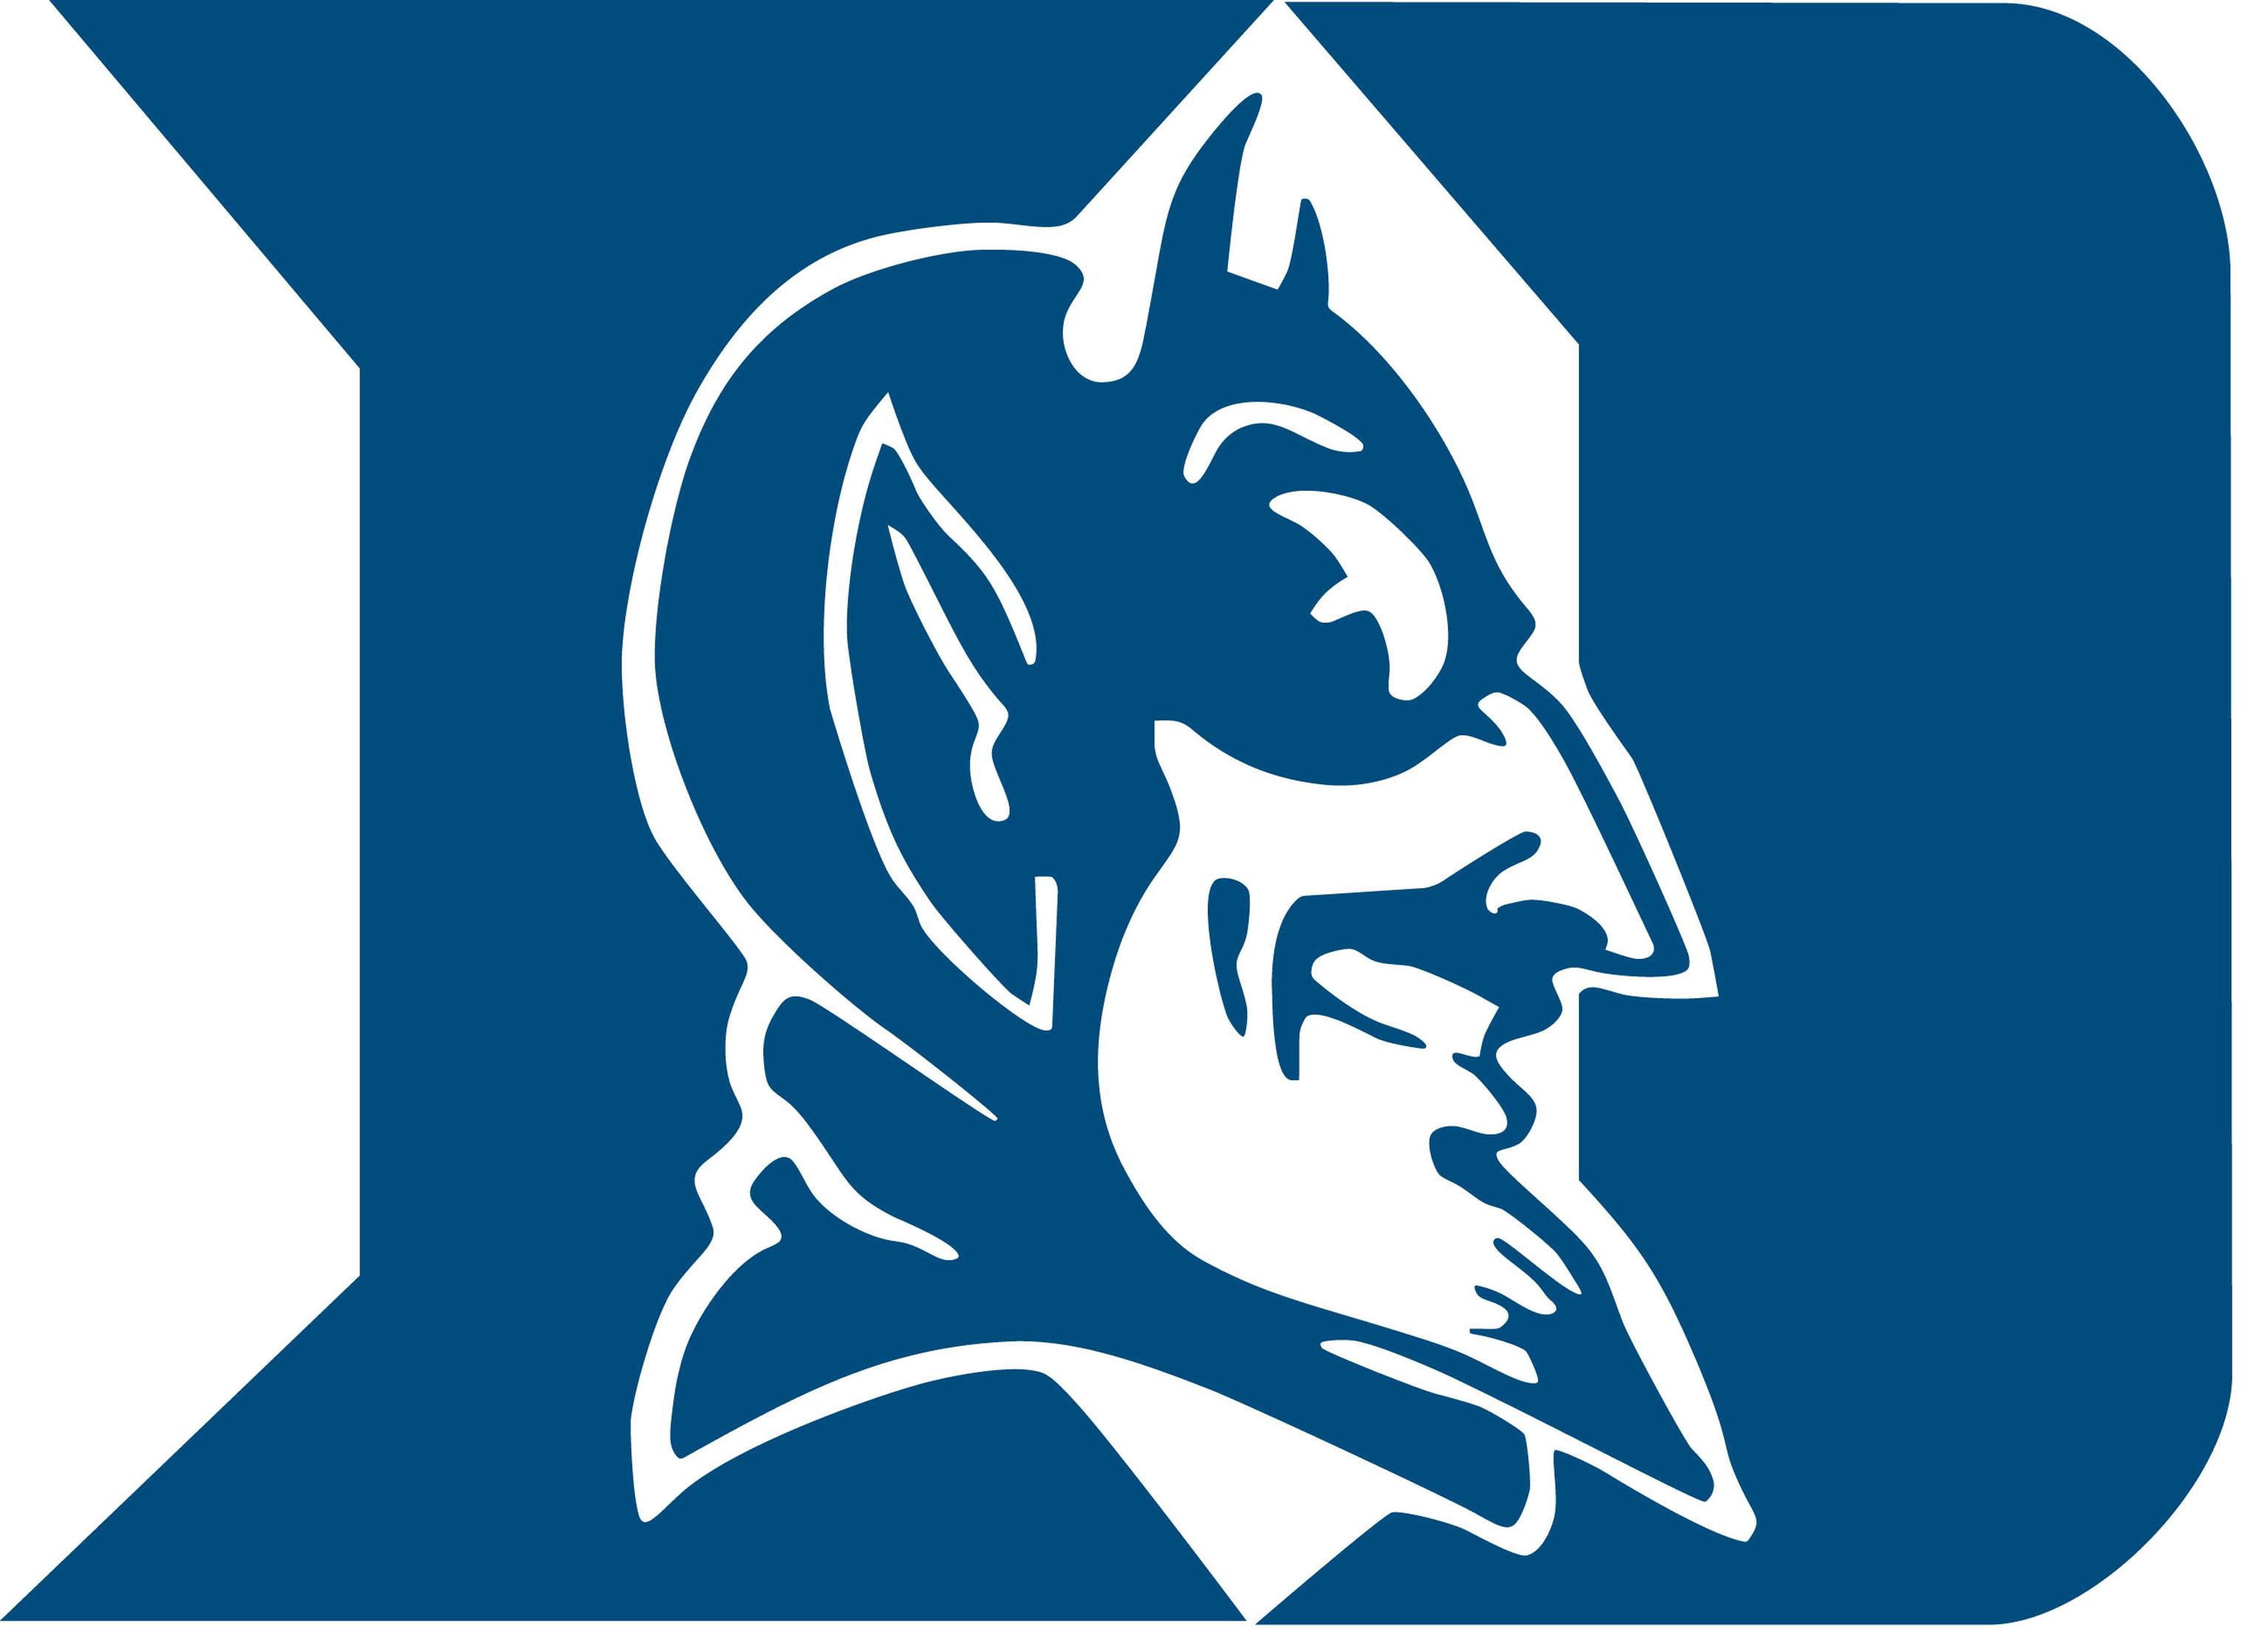 Duke Blue Devils wallpaper 48388 3072x2231